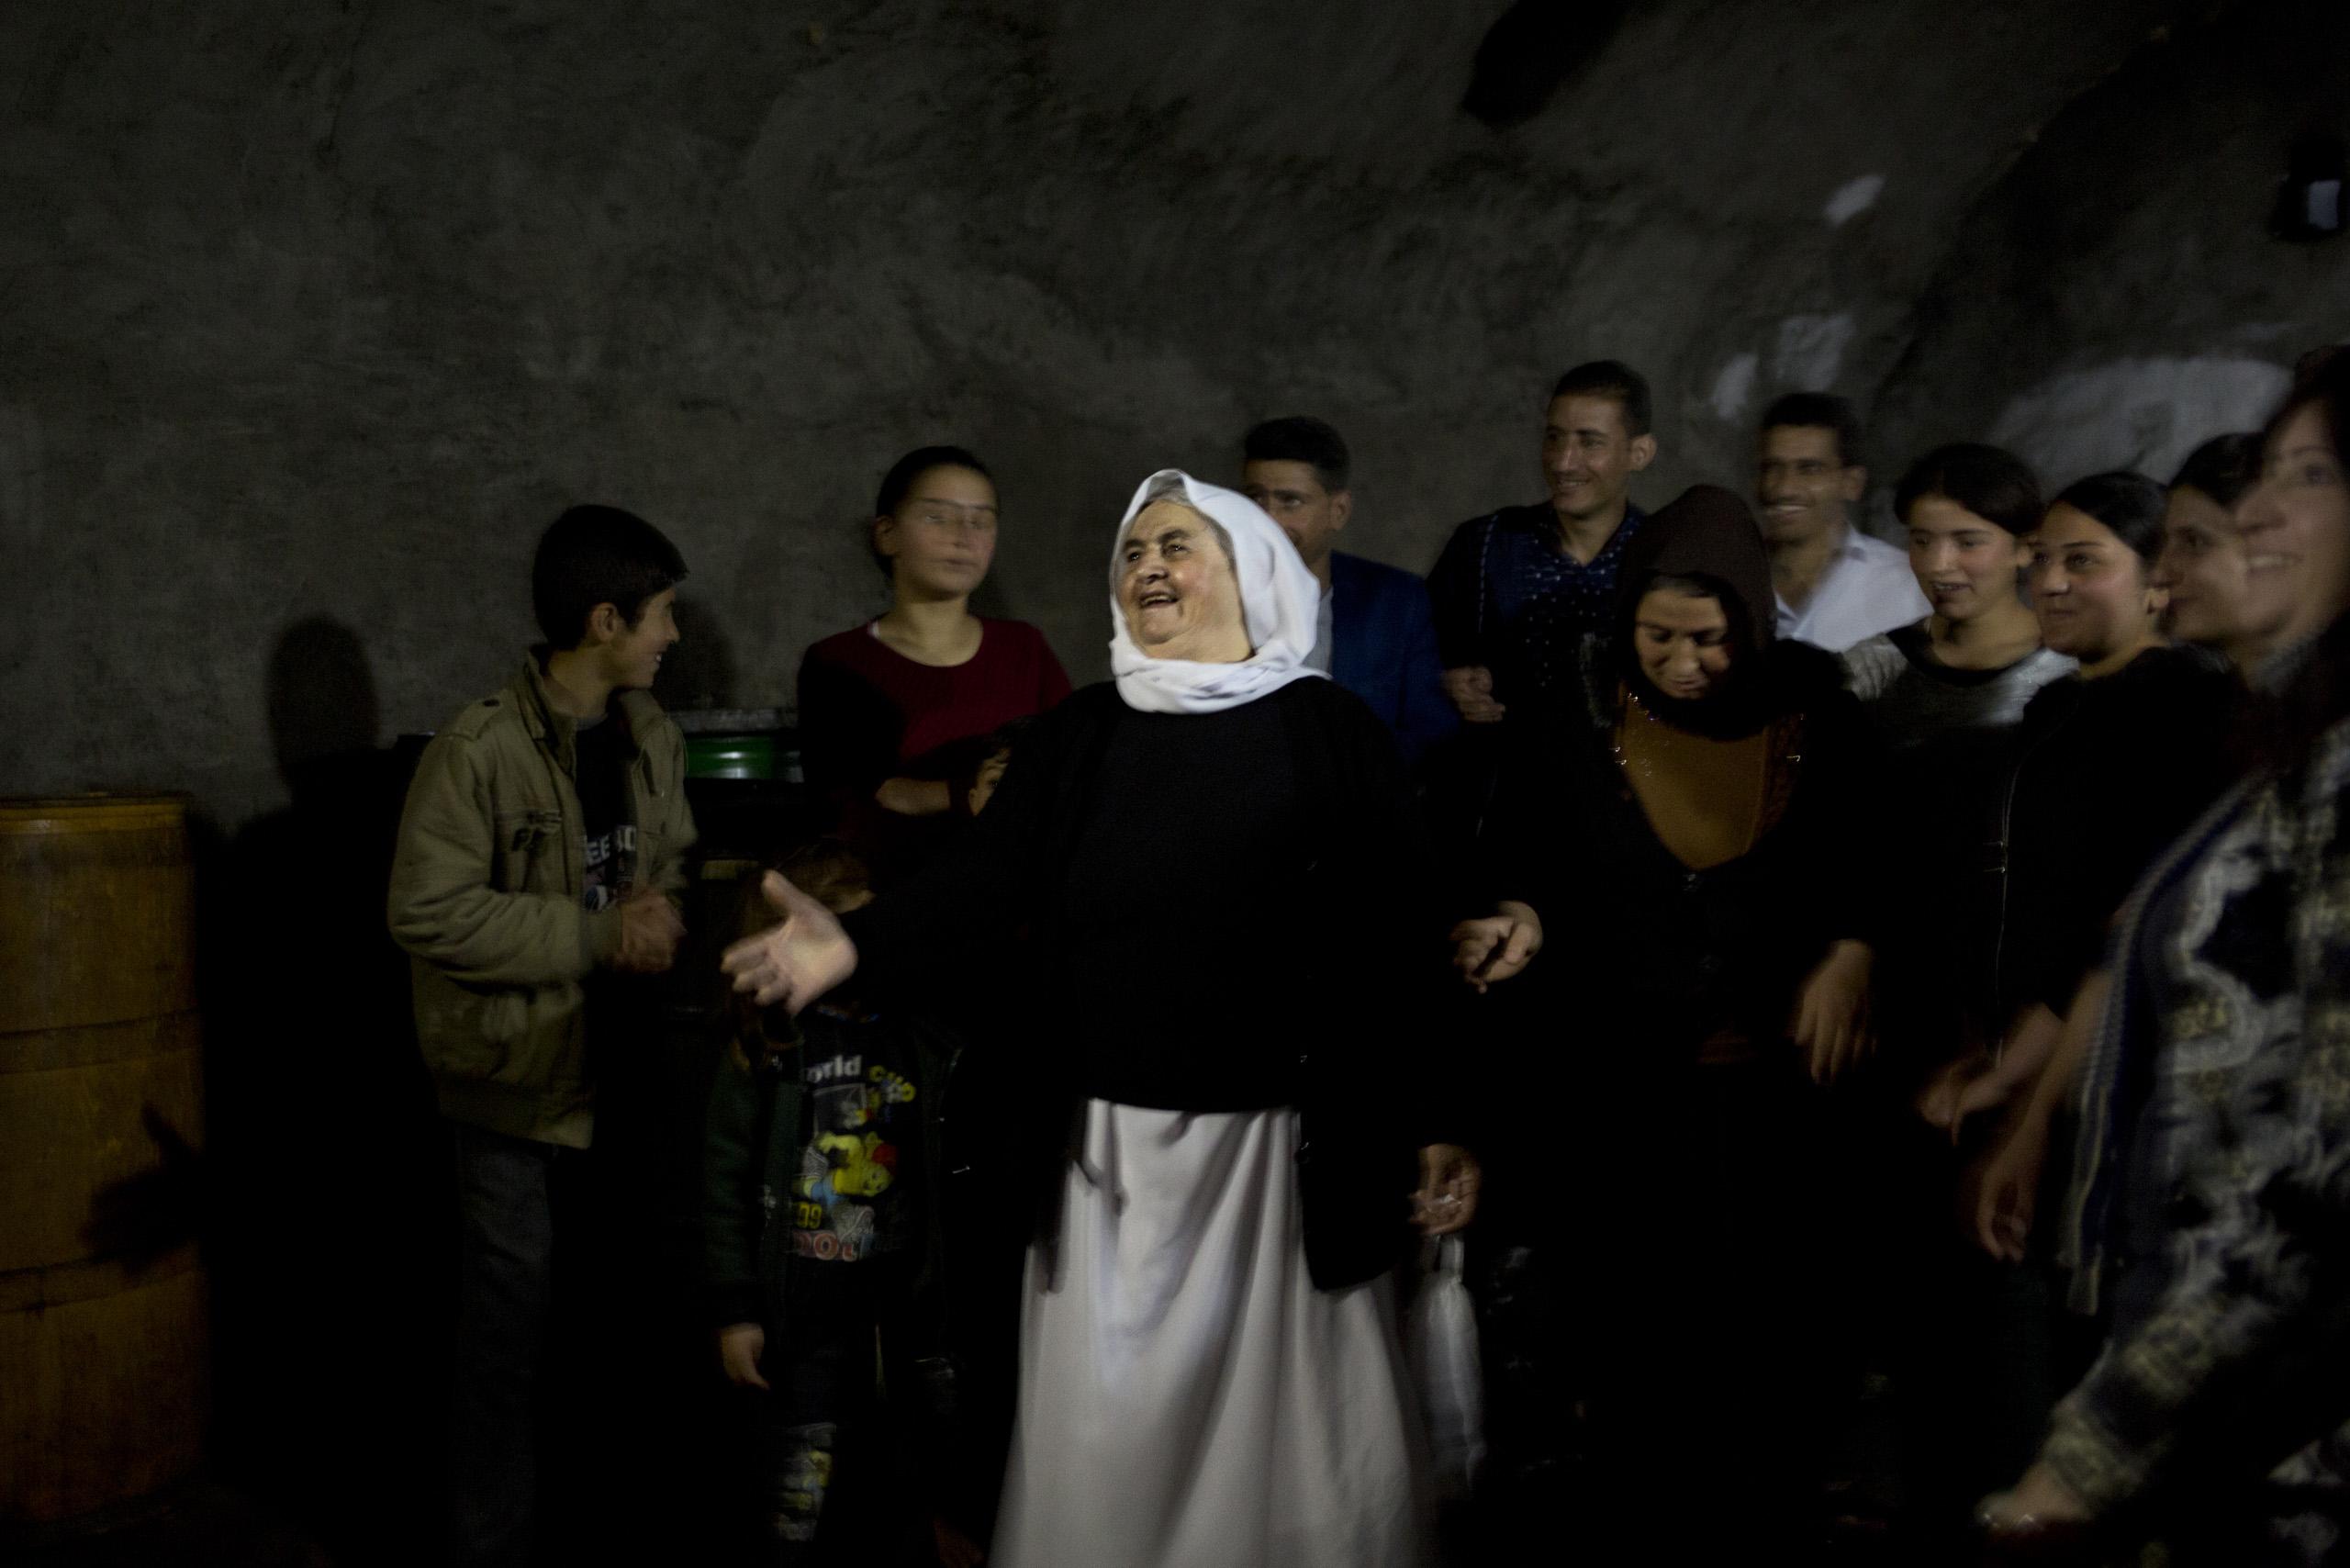 LALESH, KURDISTAN, IRAQ- FEBRUARY, 2016: Shilan (casquette) Yezidie combattante du YBS marchent avec sa camarade dans les ruines de la ville martyr de Sinjar. Des obus et des mortiers de Daech continuent de tomber. (picture by Veronique de Viguerie/ Reportage by Getty Images )